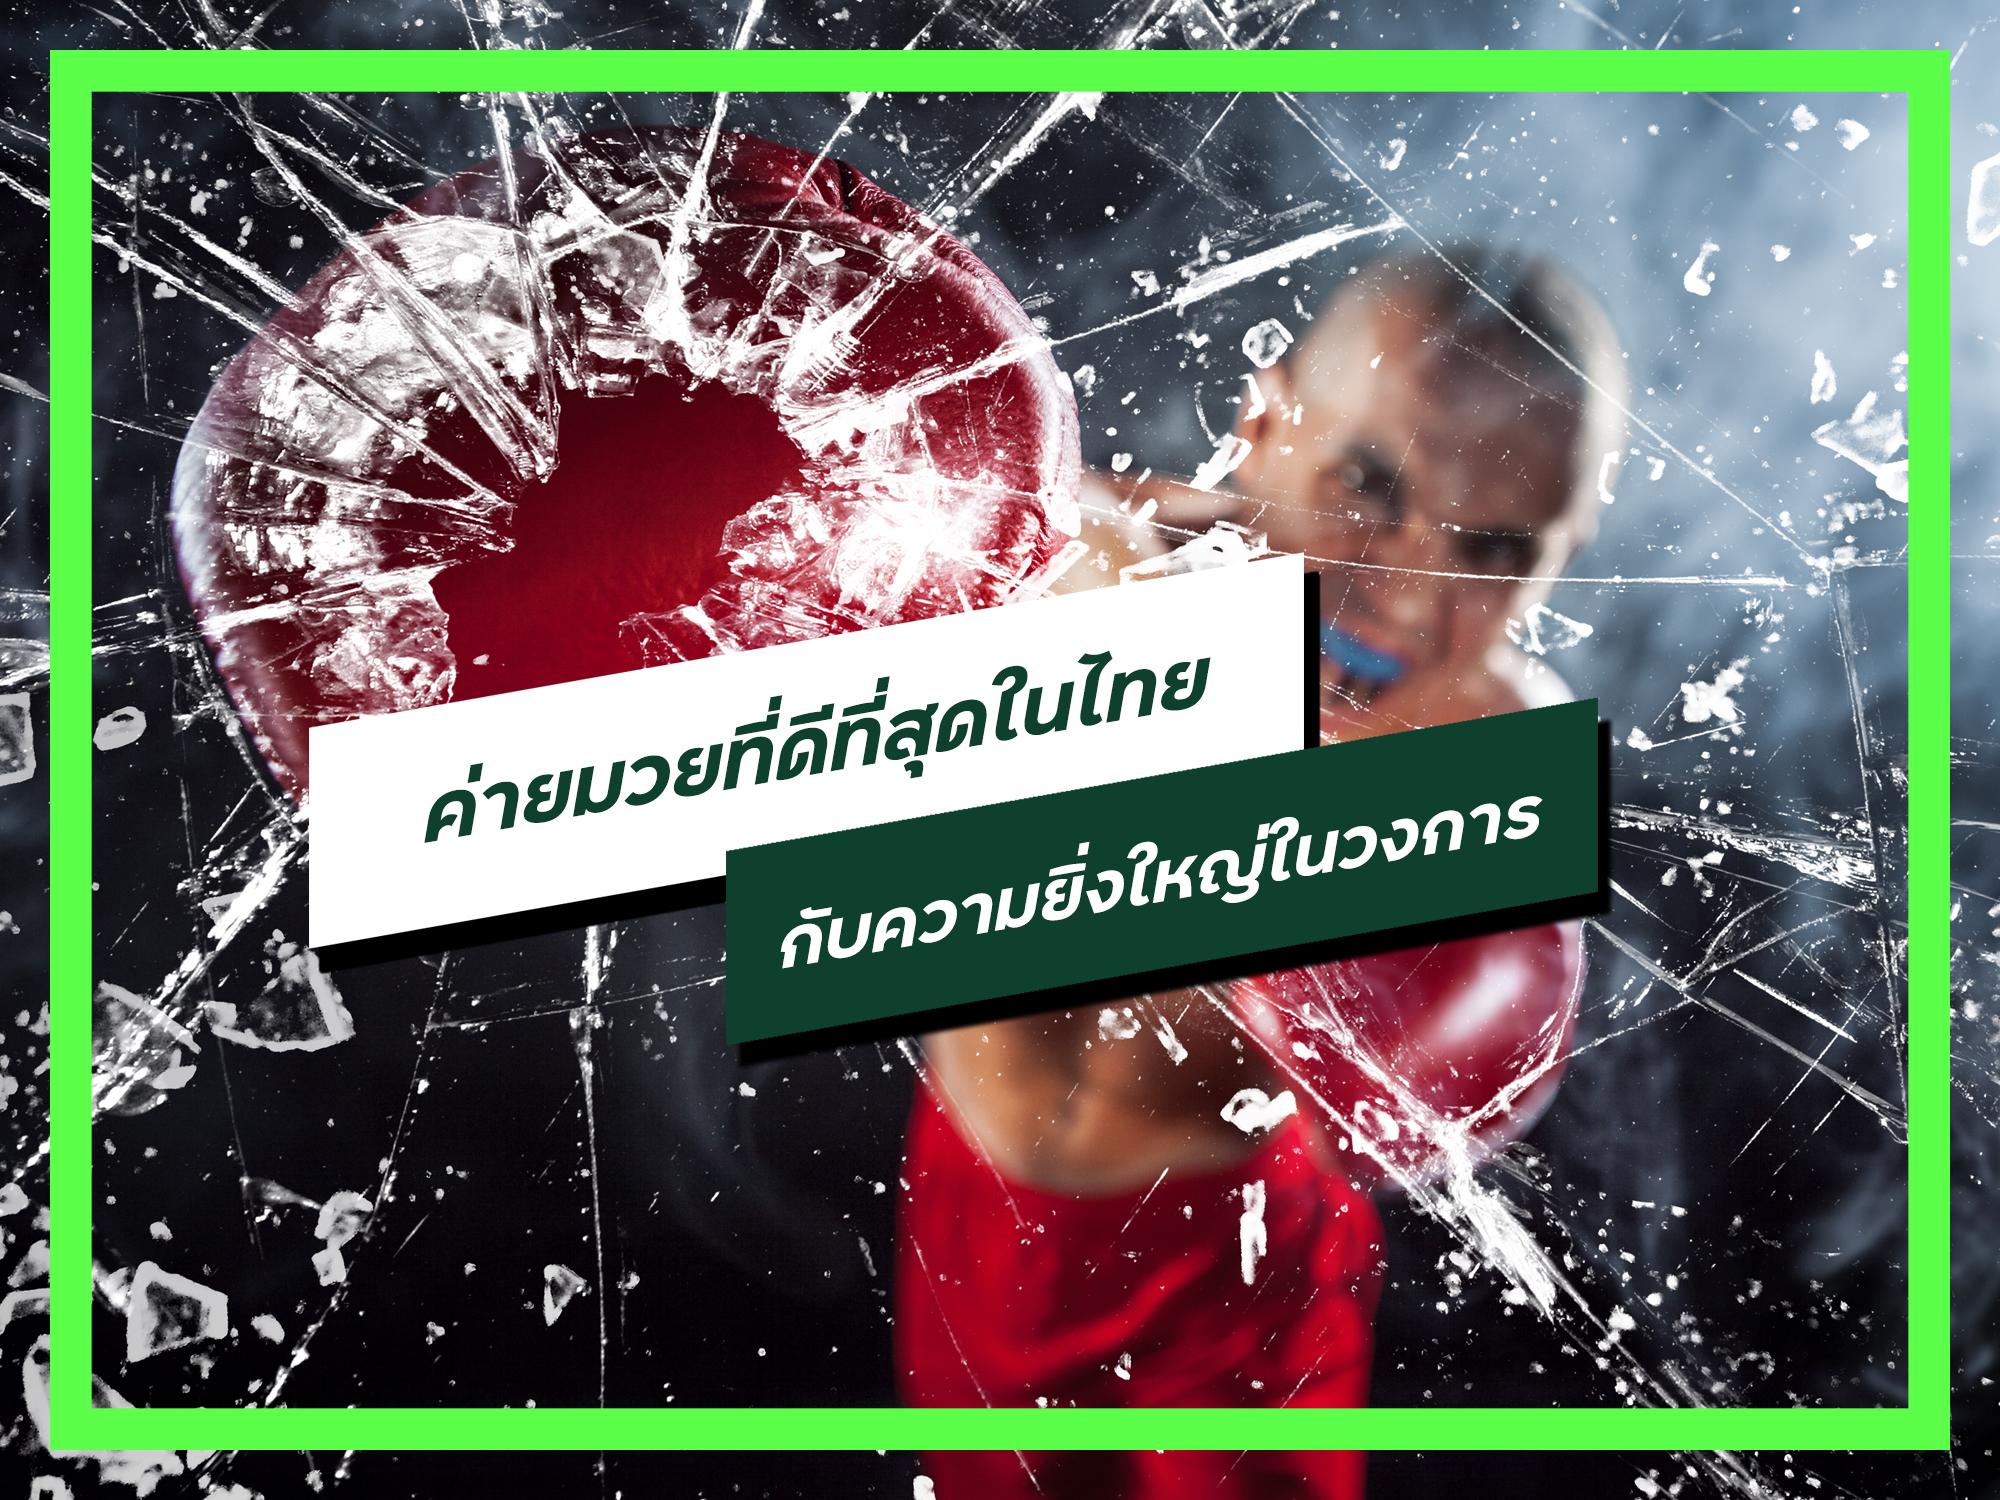 ค่ายมวยที่ดีที่สุดในไทย กับความยิ่งใหญ่ในวงการ